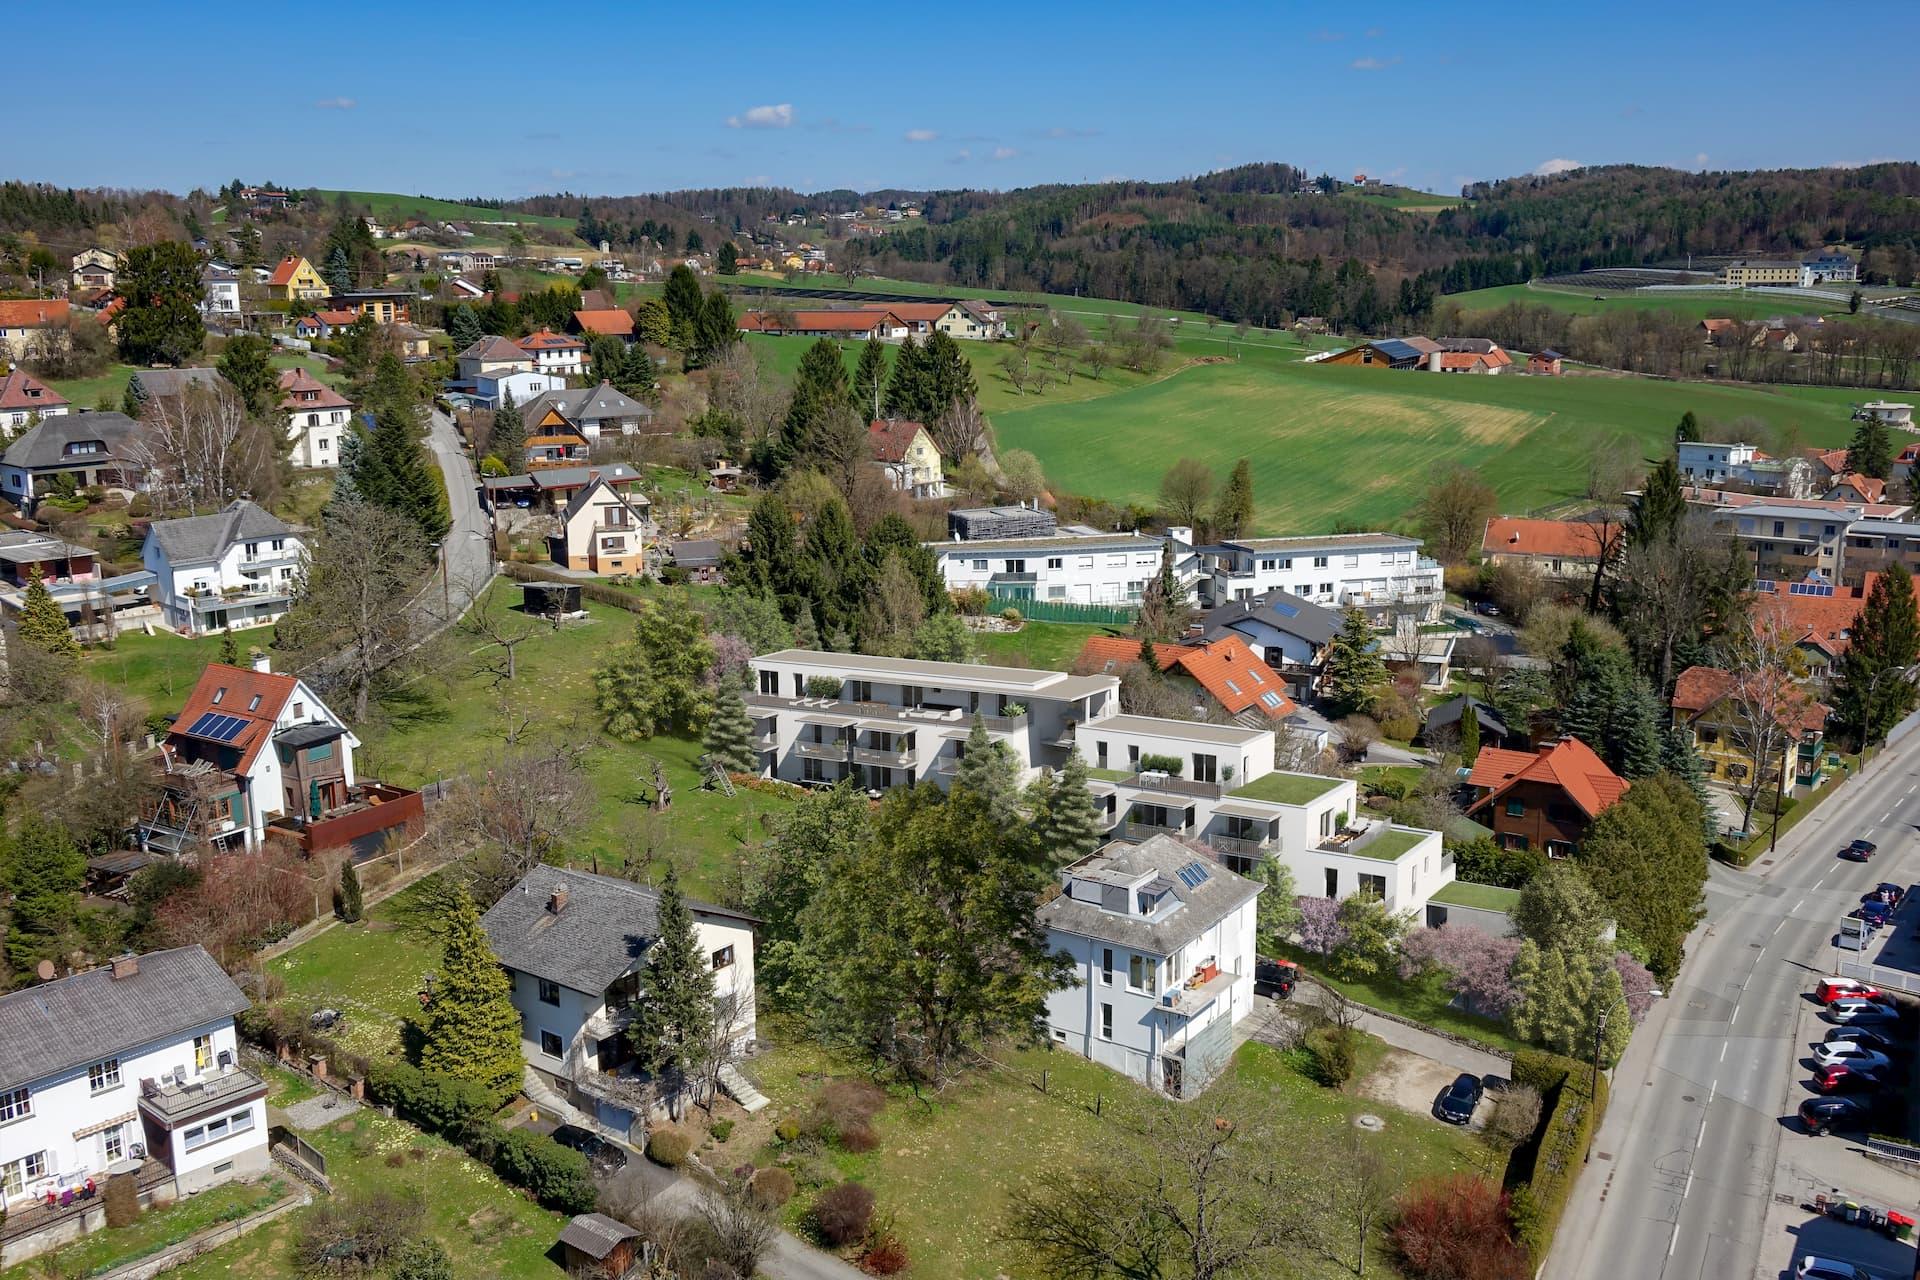 Luftansicht der Wohnanlage Per Pedes in Graz